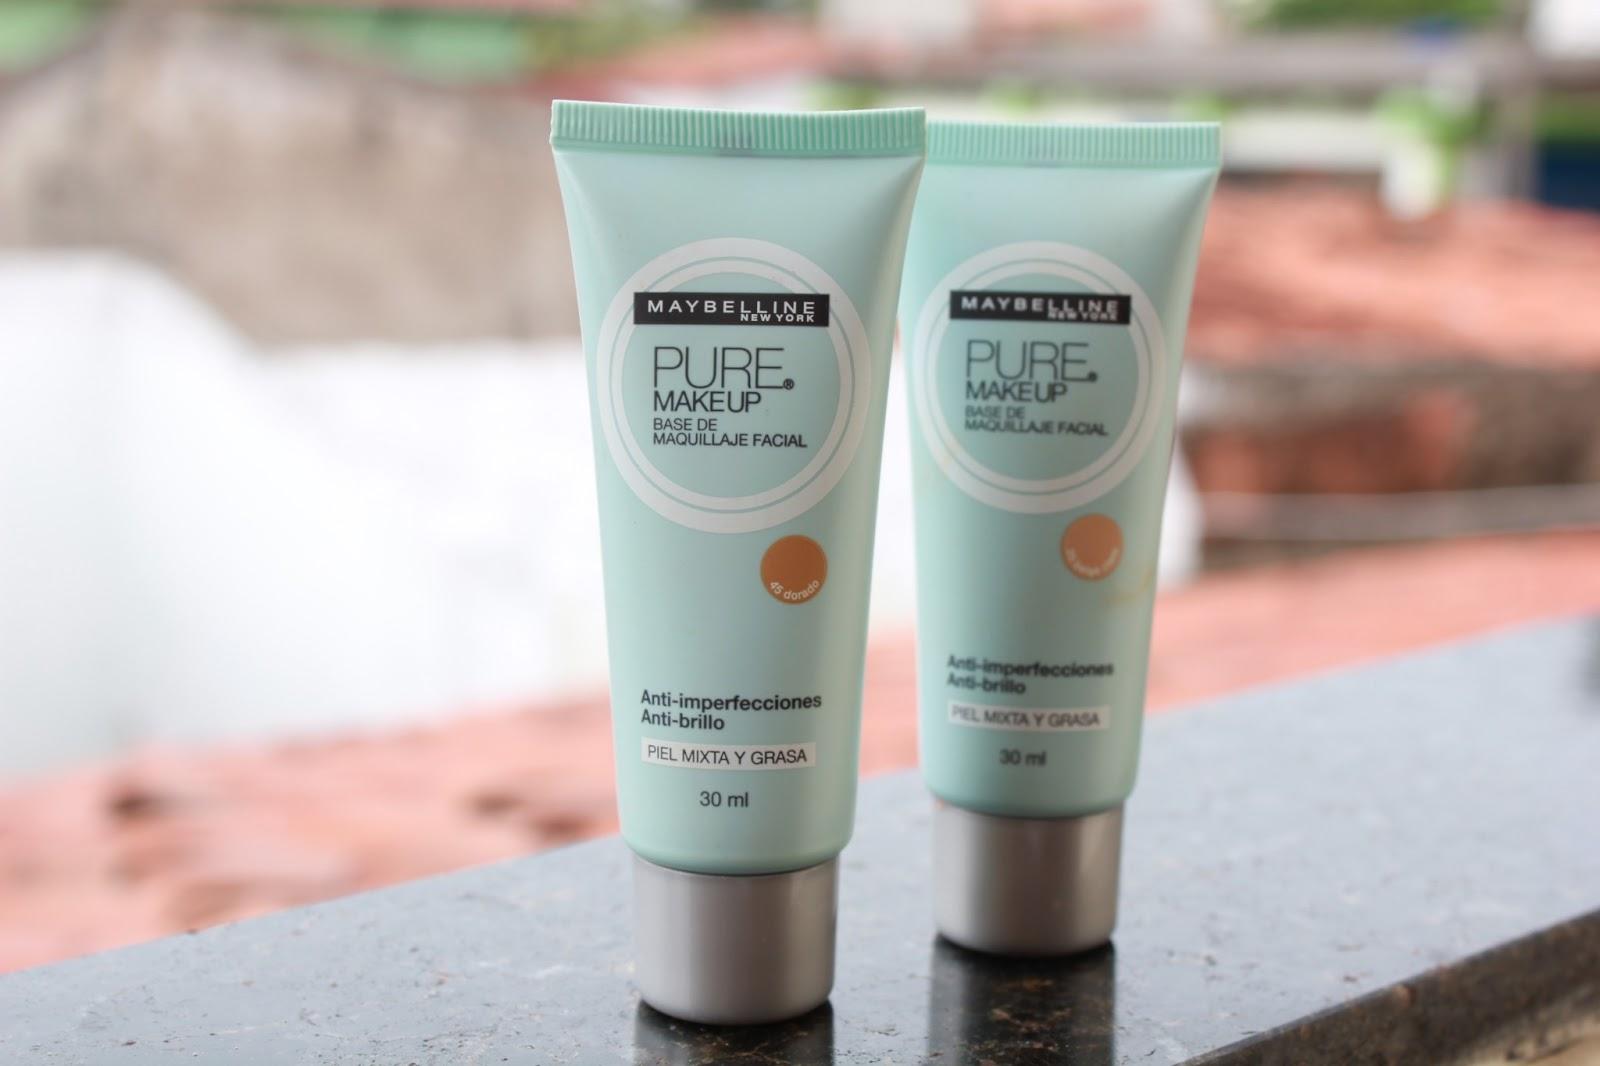 eca8e1c5517 A base foi desenvolvida especialmente para peles mistas e oleosas (eu!!!)